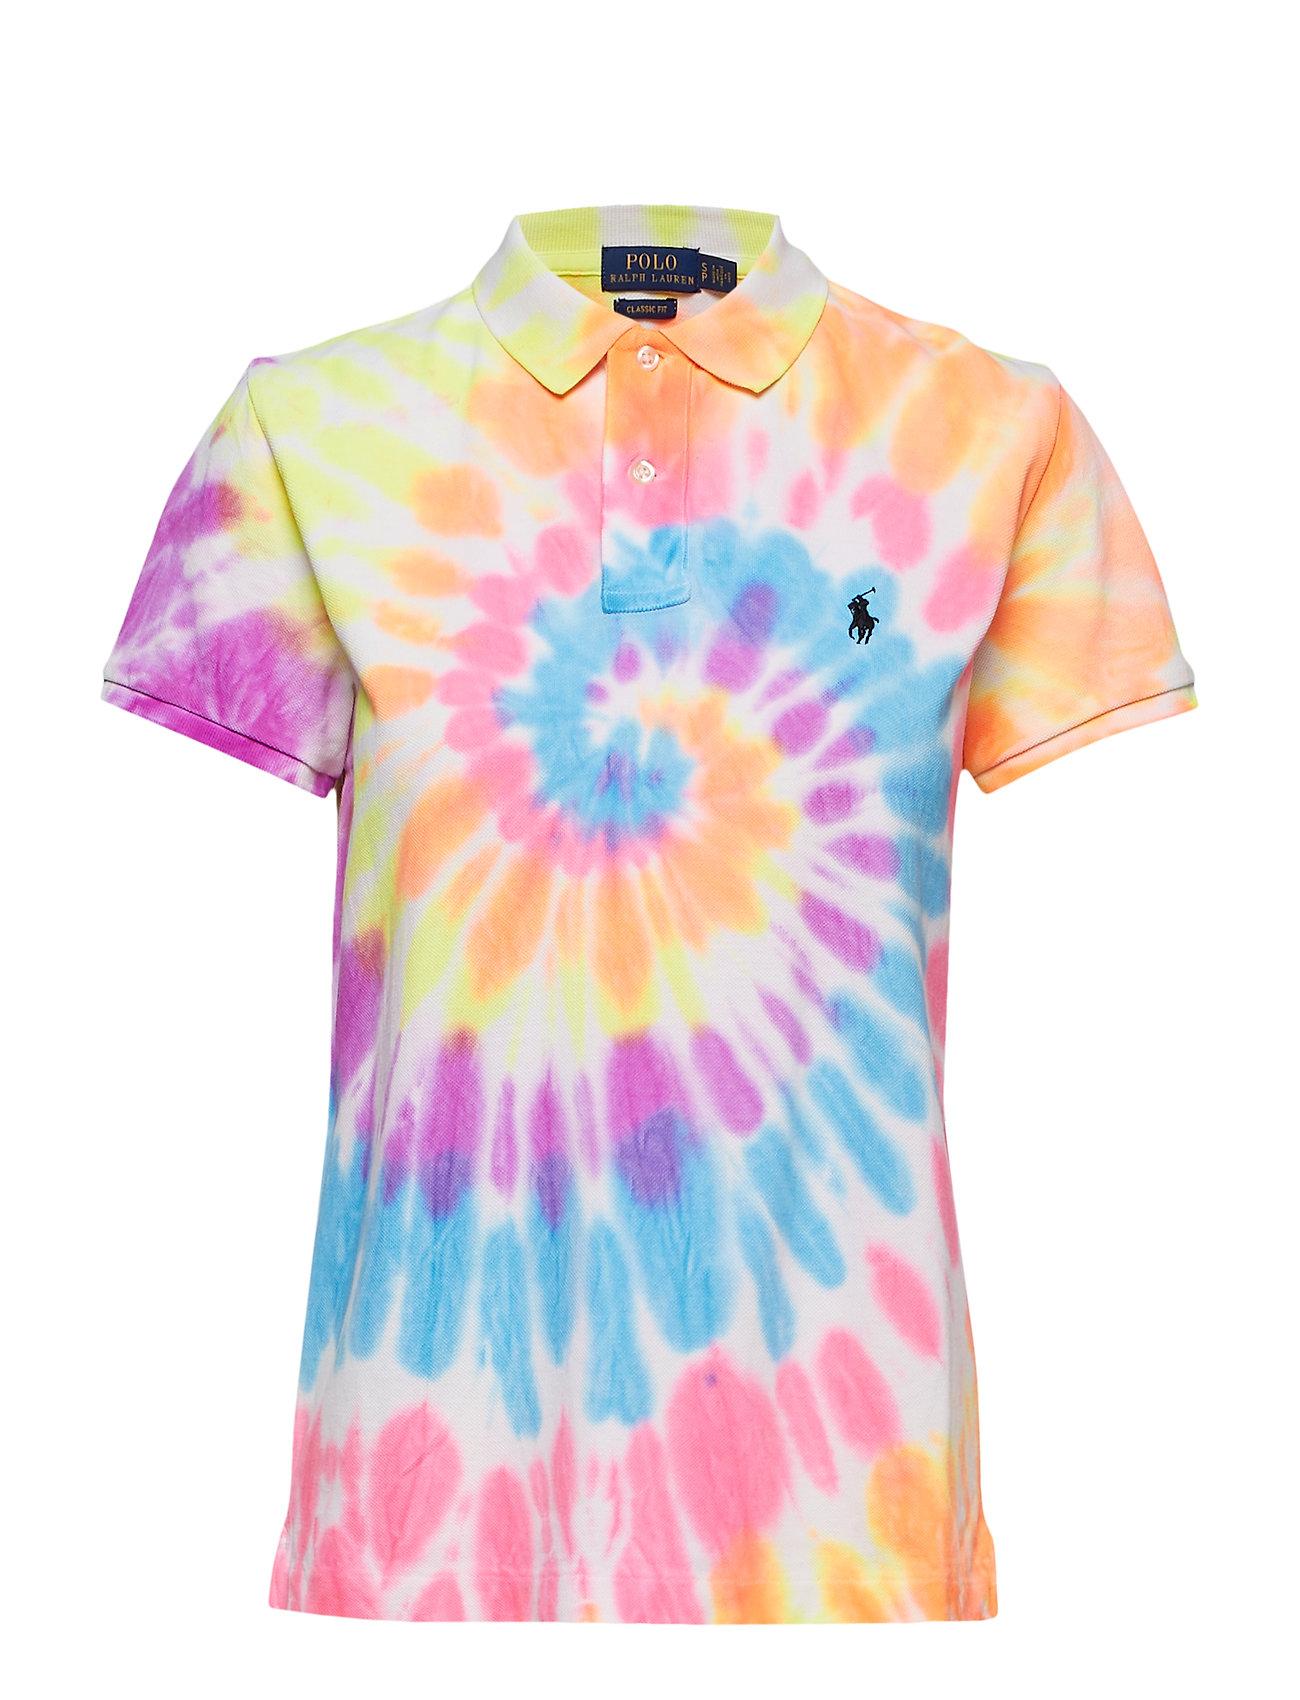 ac604eab Classic Fit Tie-dye Polo Shirt (Spiral Tie Dye) (£74.75) - Polo ...